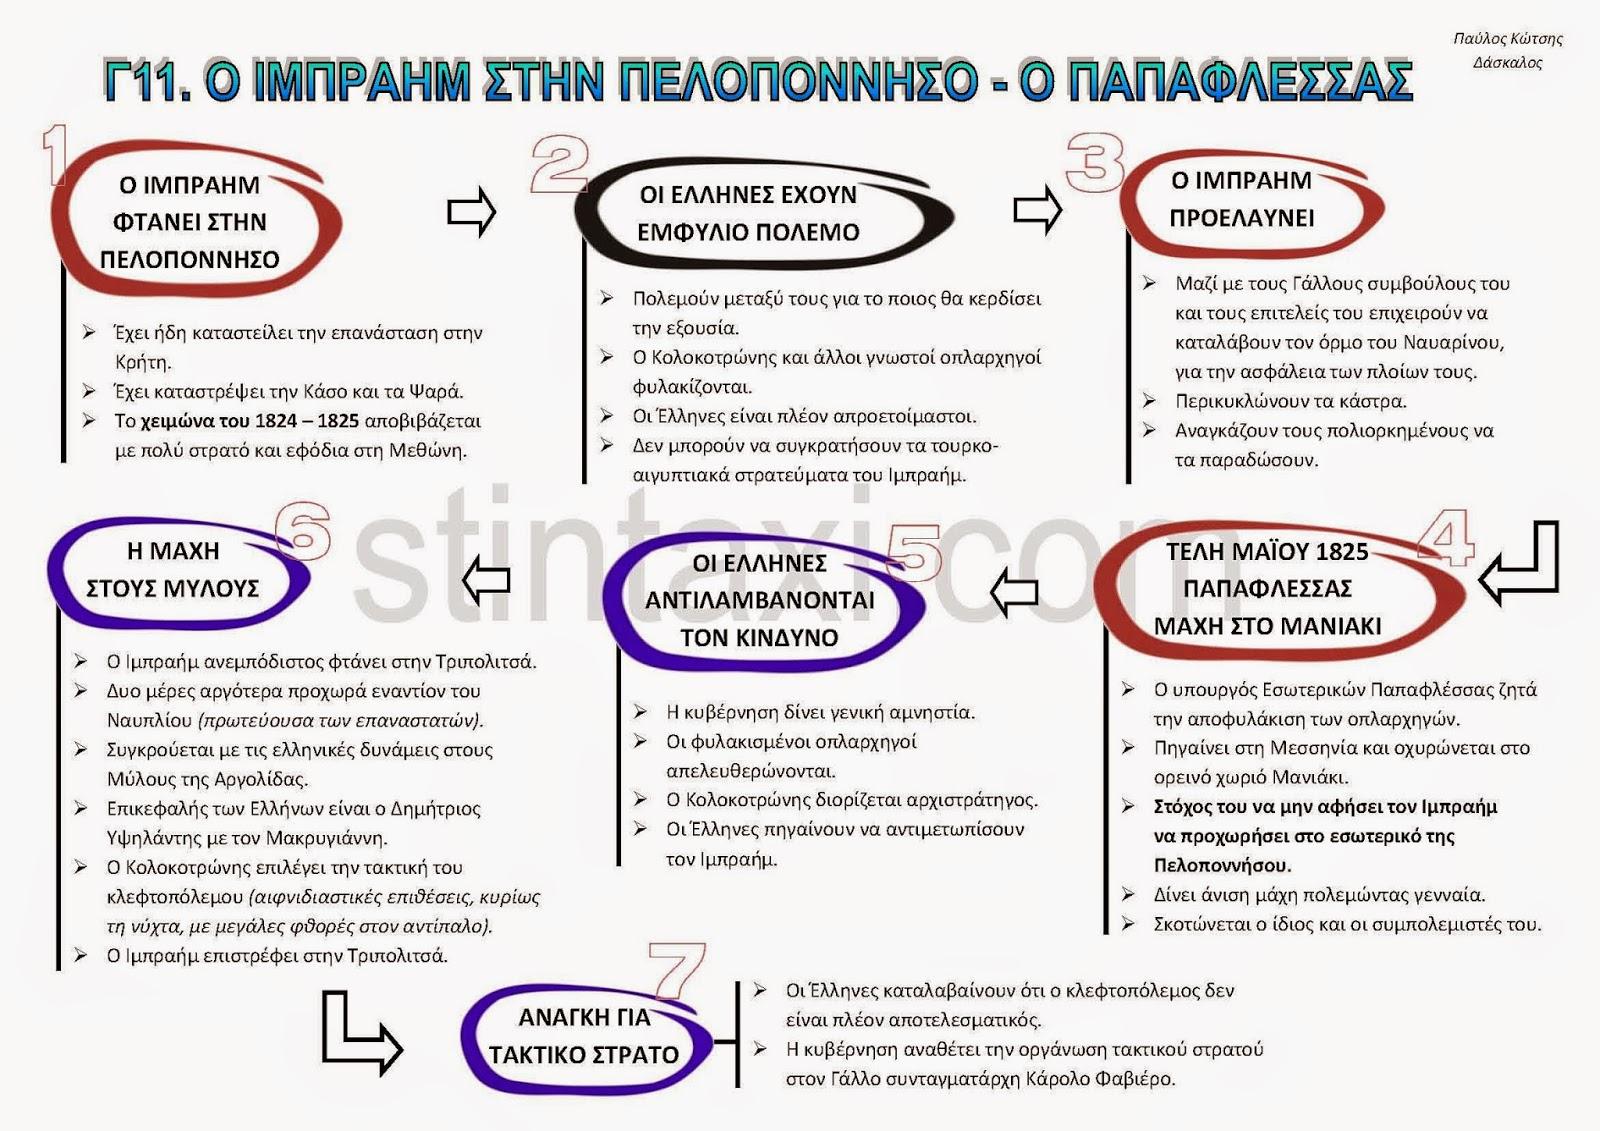 http://www.stintaxi.com/uploads/1/3/1/0/13100858/c11-ibraim-papaflessas-v2.1.pdf